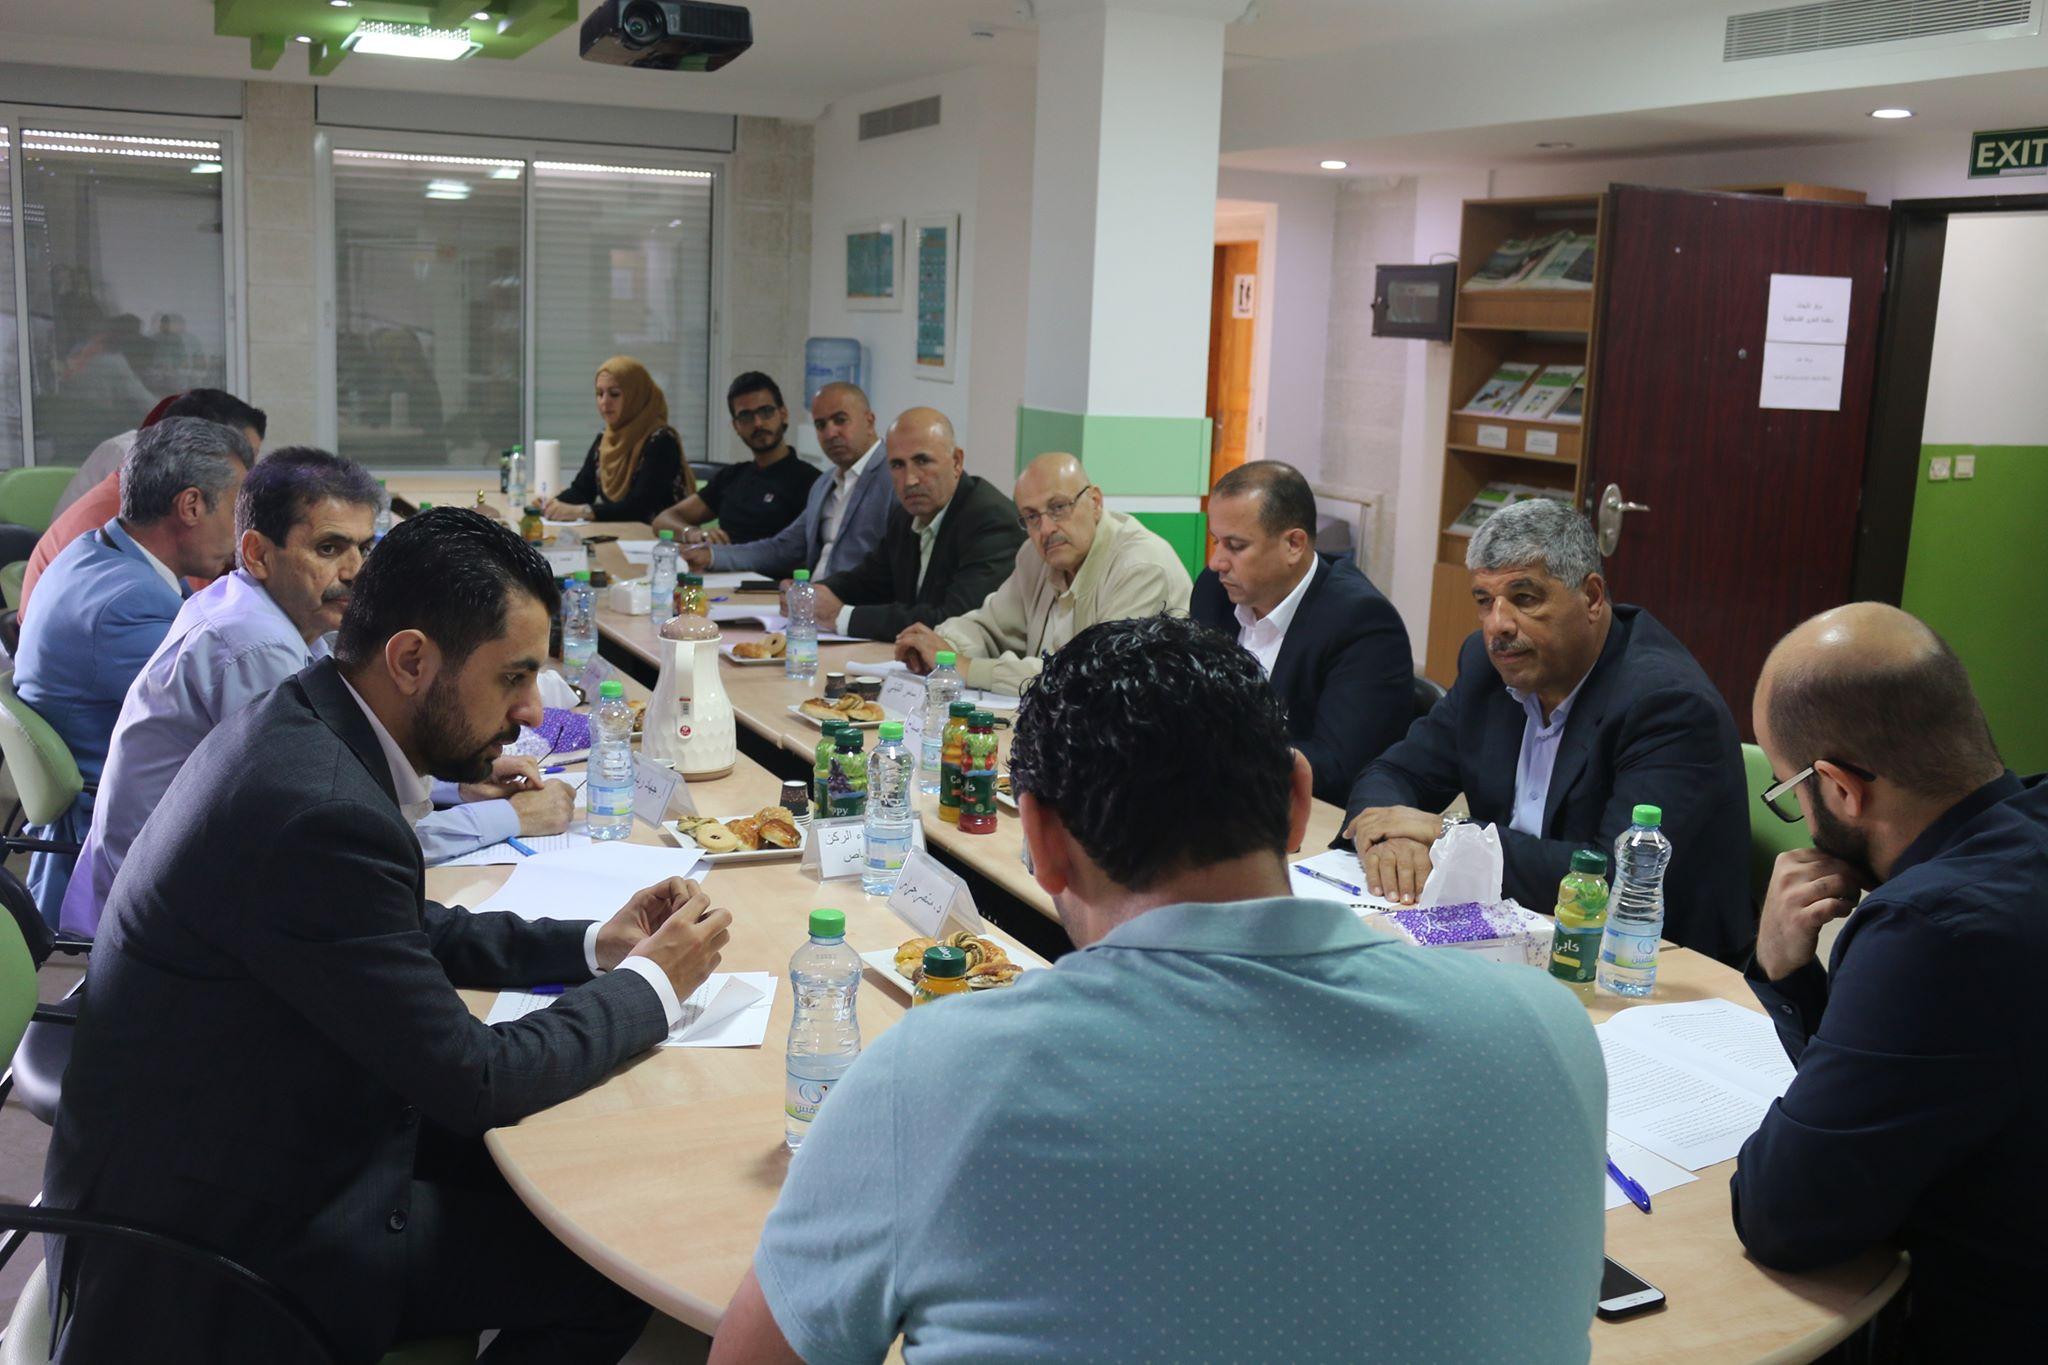 صورة ورشة العمل المنطقة الشرقية والتحديات وسبل تعزيز الصمود